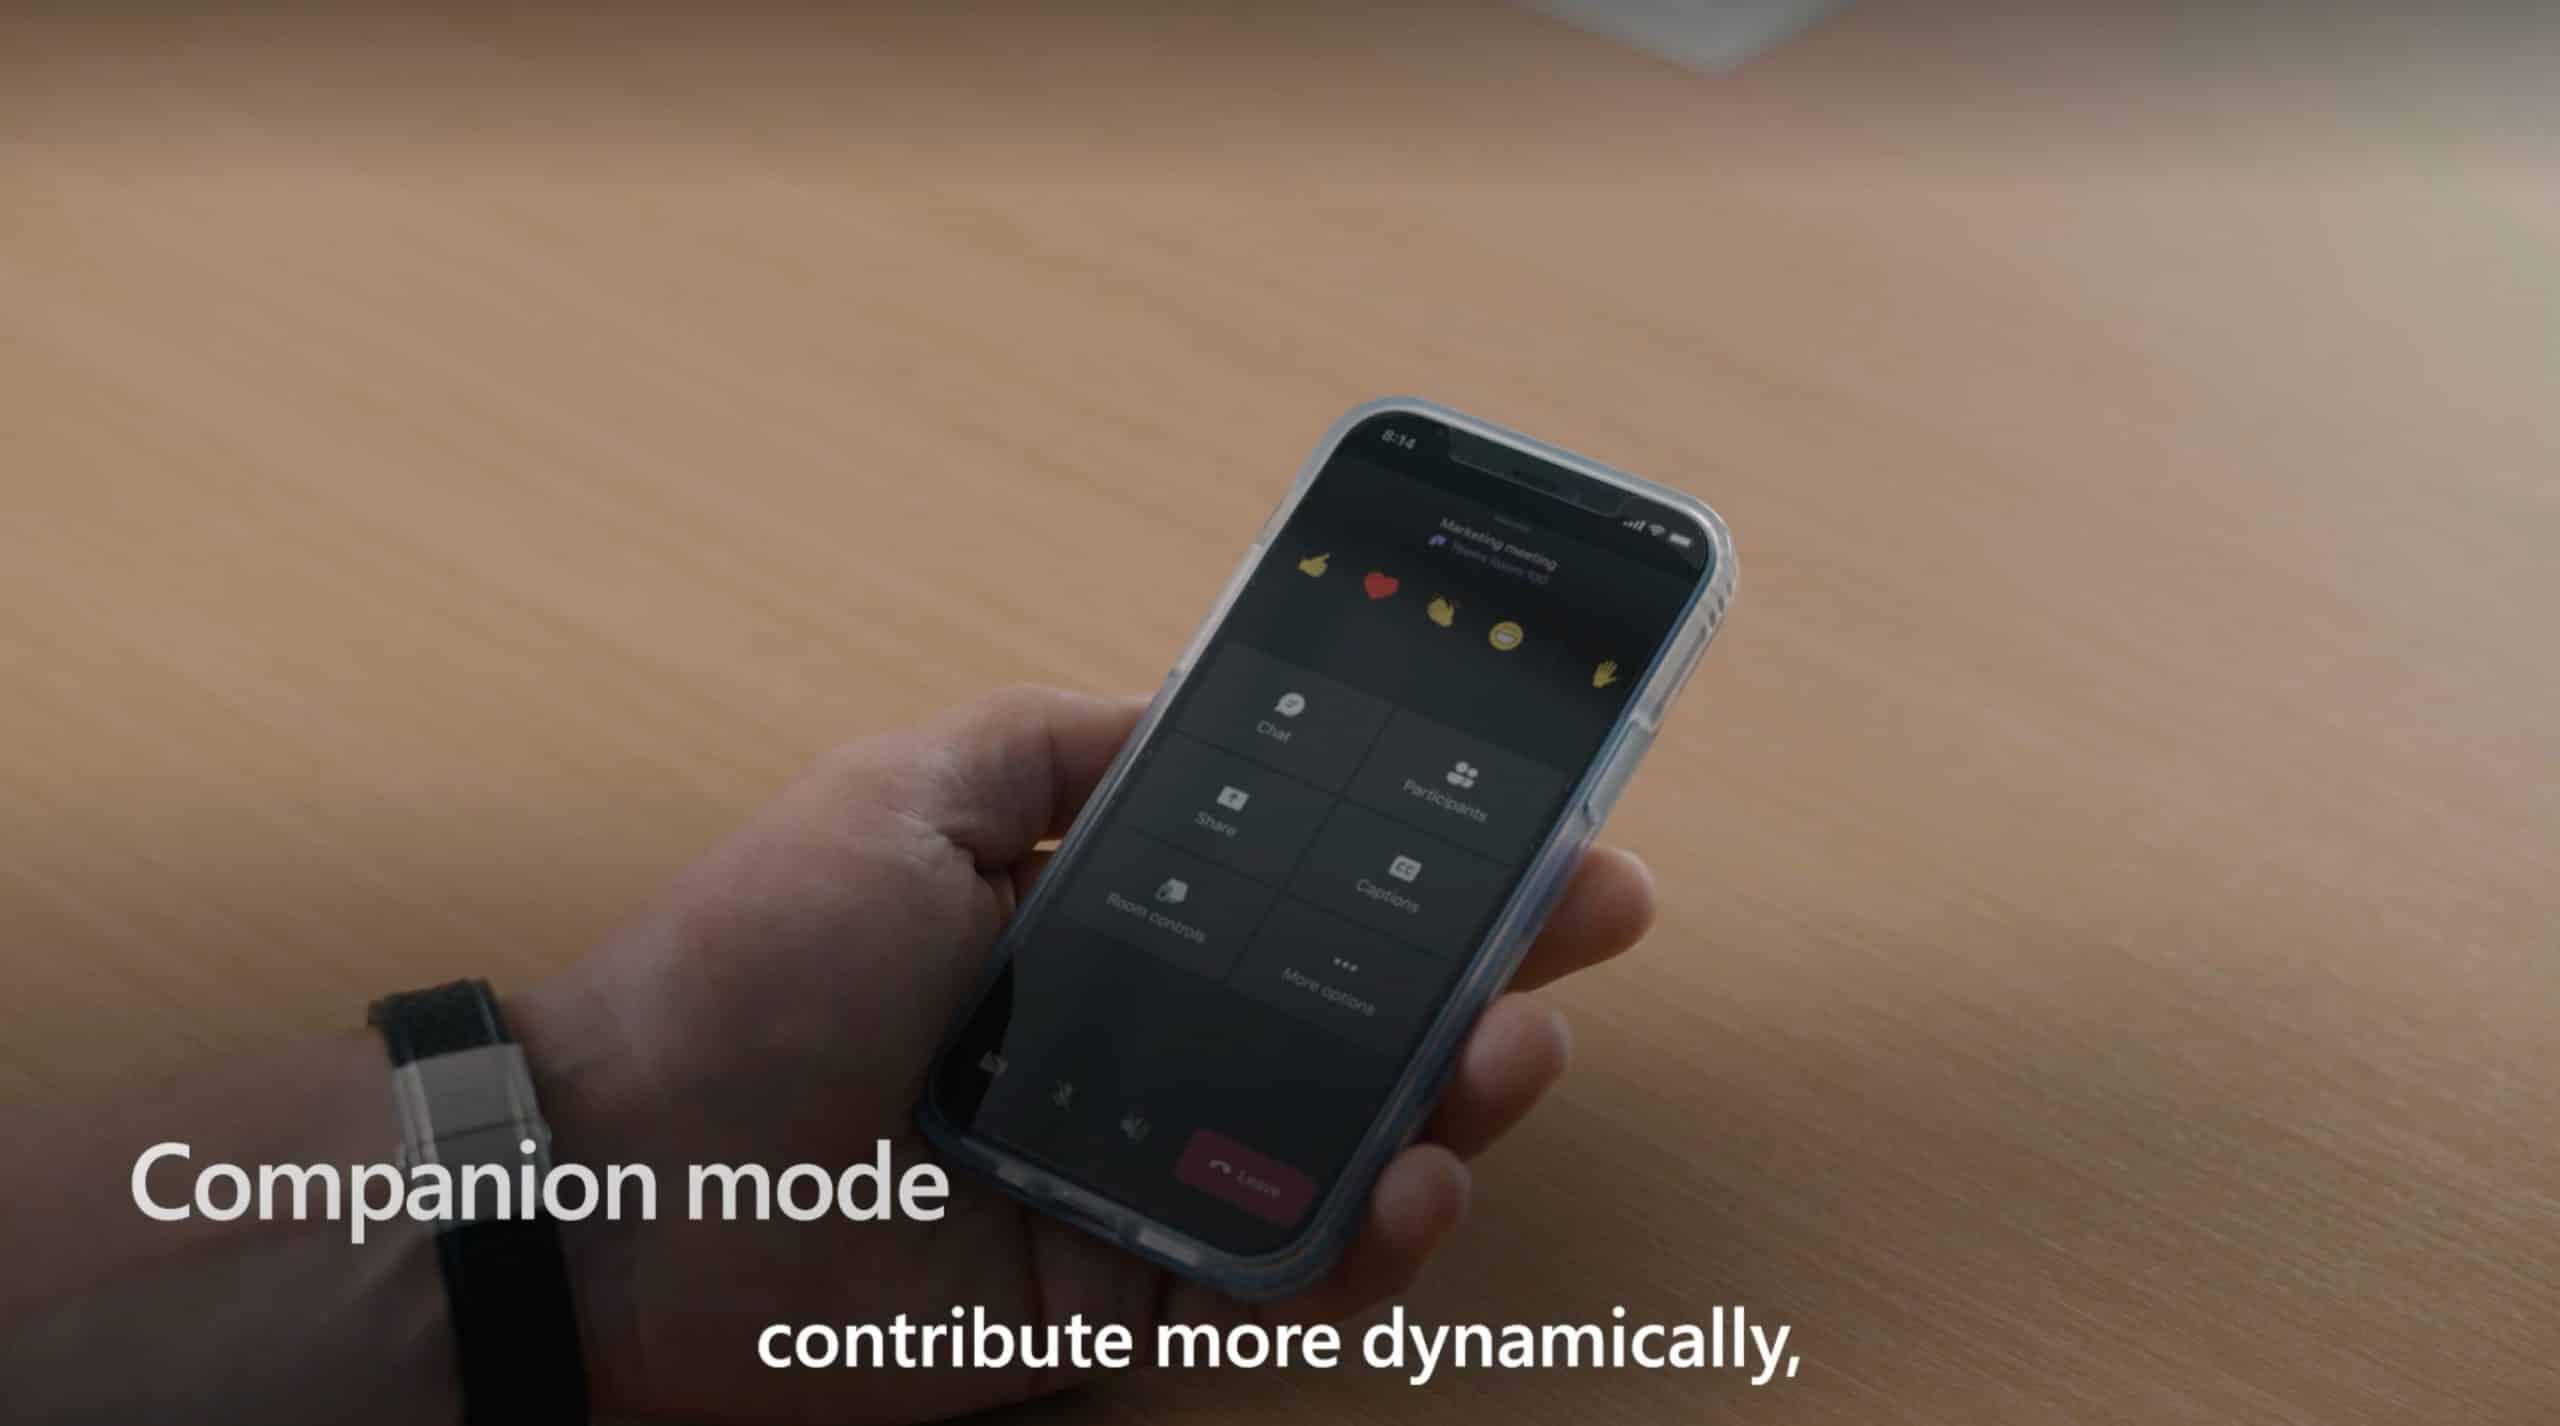 L'utilisation du mode compagnon de Teams sur un smartphone